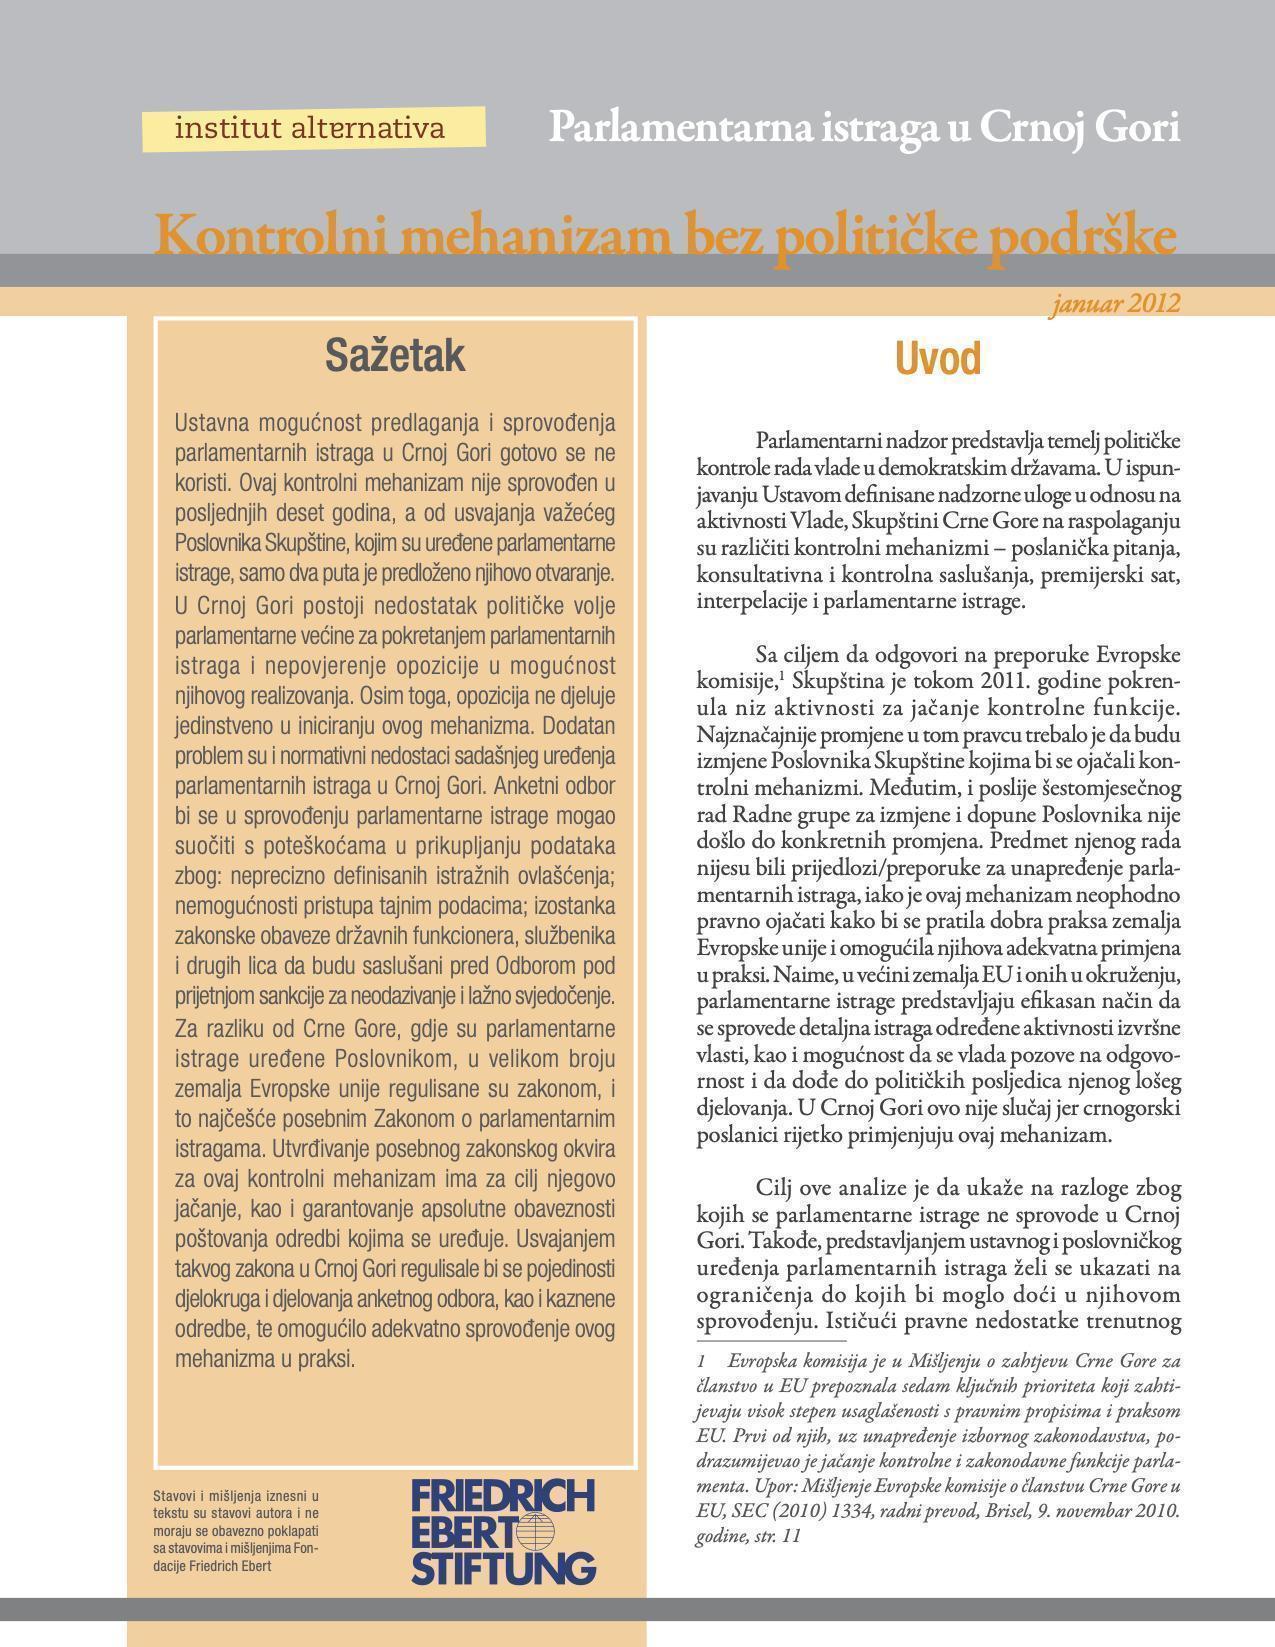 Parlamentarne istrage u Crnoj Gori – Kontrolni mehanizam bez političke podrške